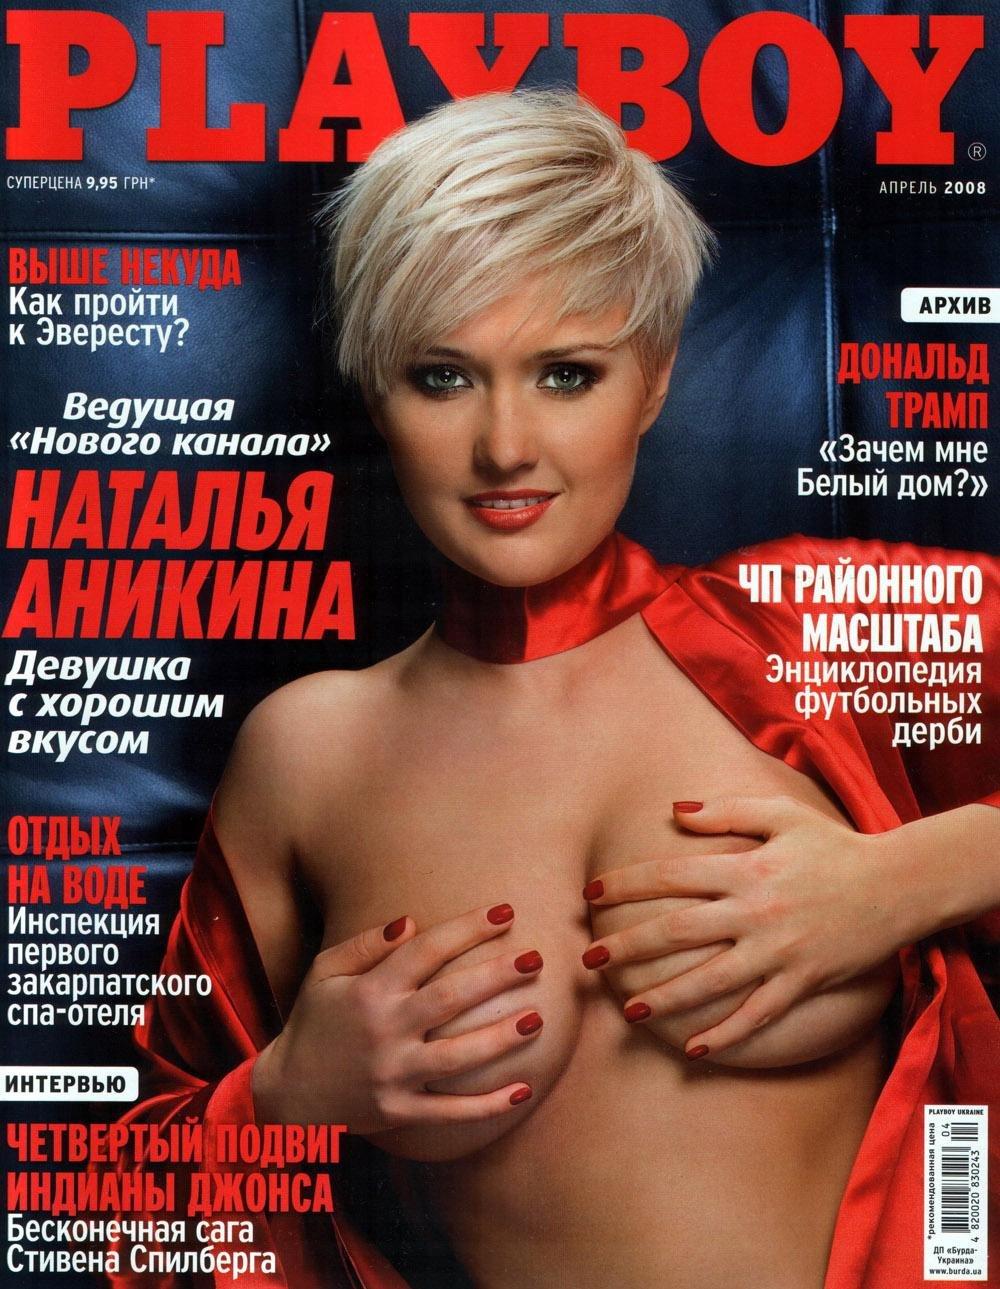 Playboy апрель 2008 3 фотография